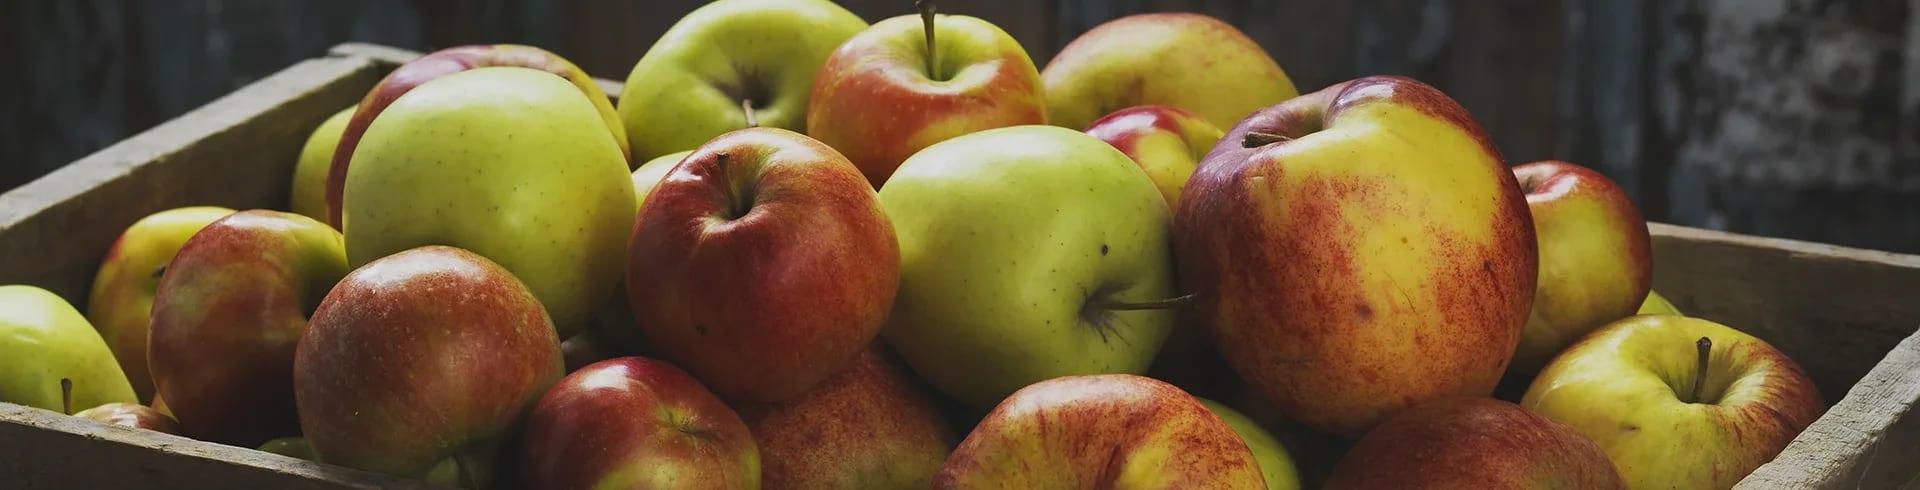 äpple xxx sött